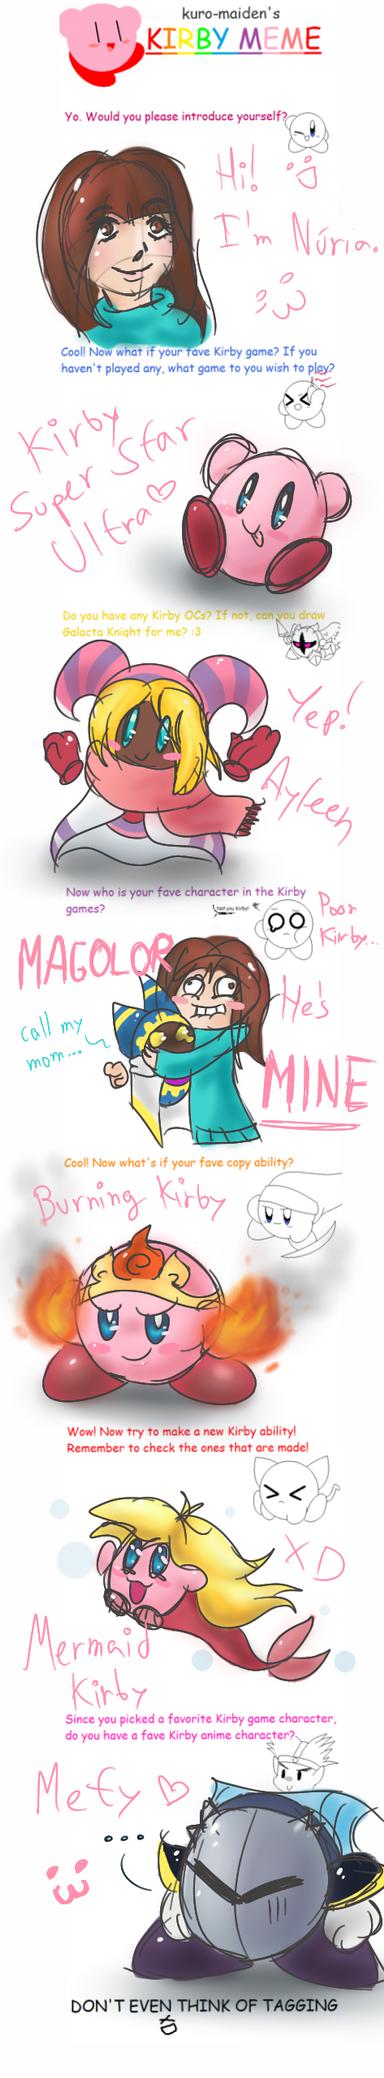 Kirby meme by Nuzita